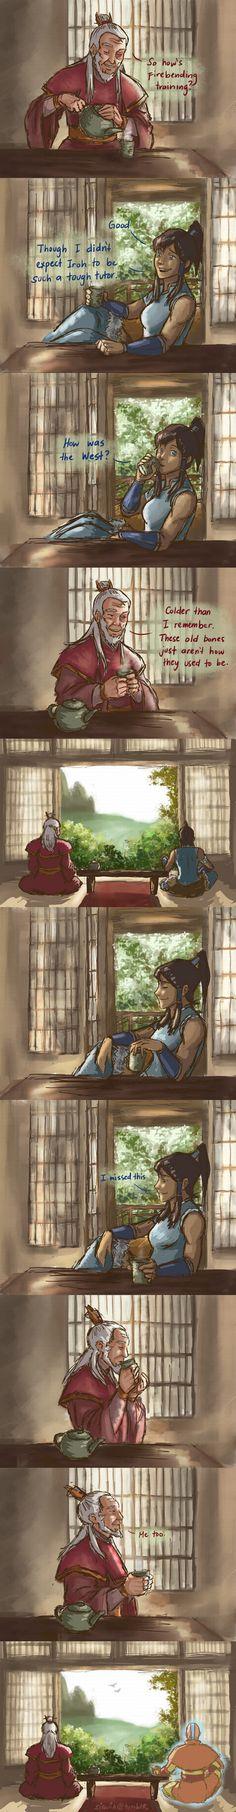 I missed this ... Avatar Kora having tea with Zuko  ≈Avatar The Last Airbender≈ ≈Legend of Korra≈